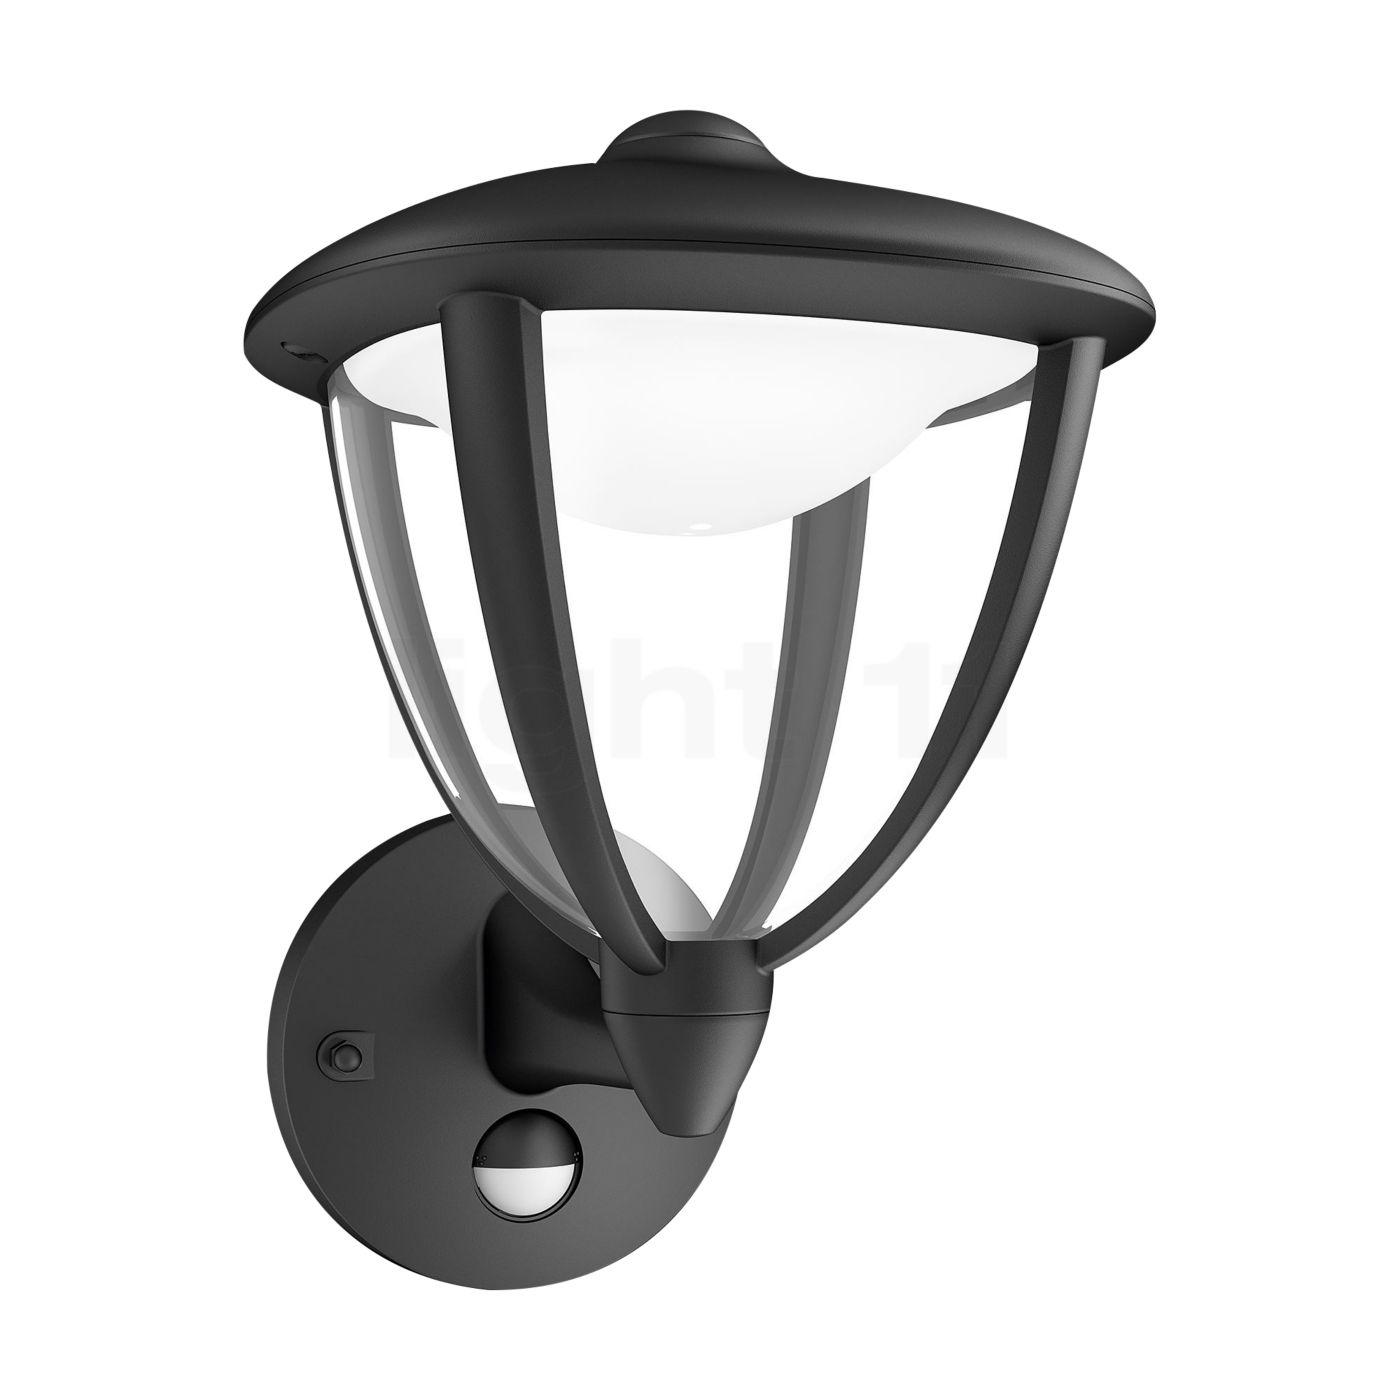 Philips Mygarden Robin 15479 Lampada Da Parete Con Sensore Di